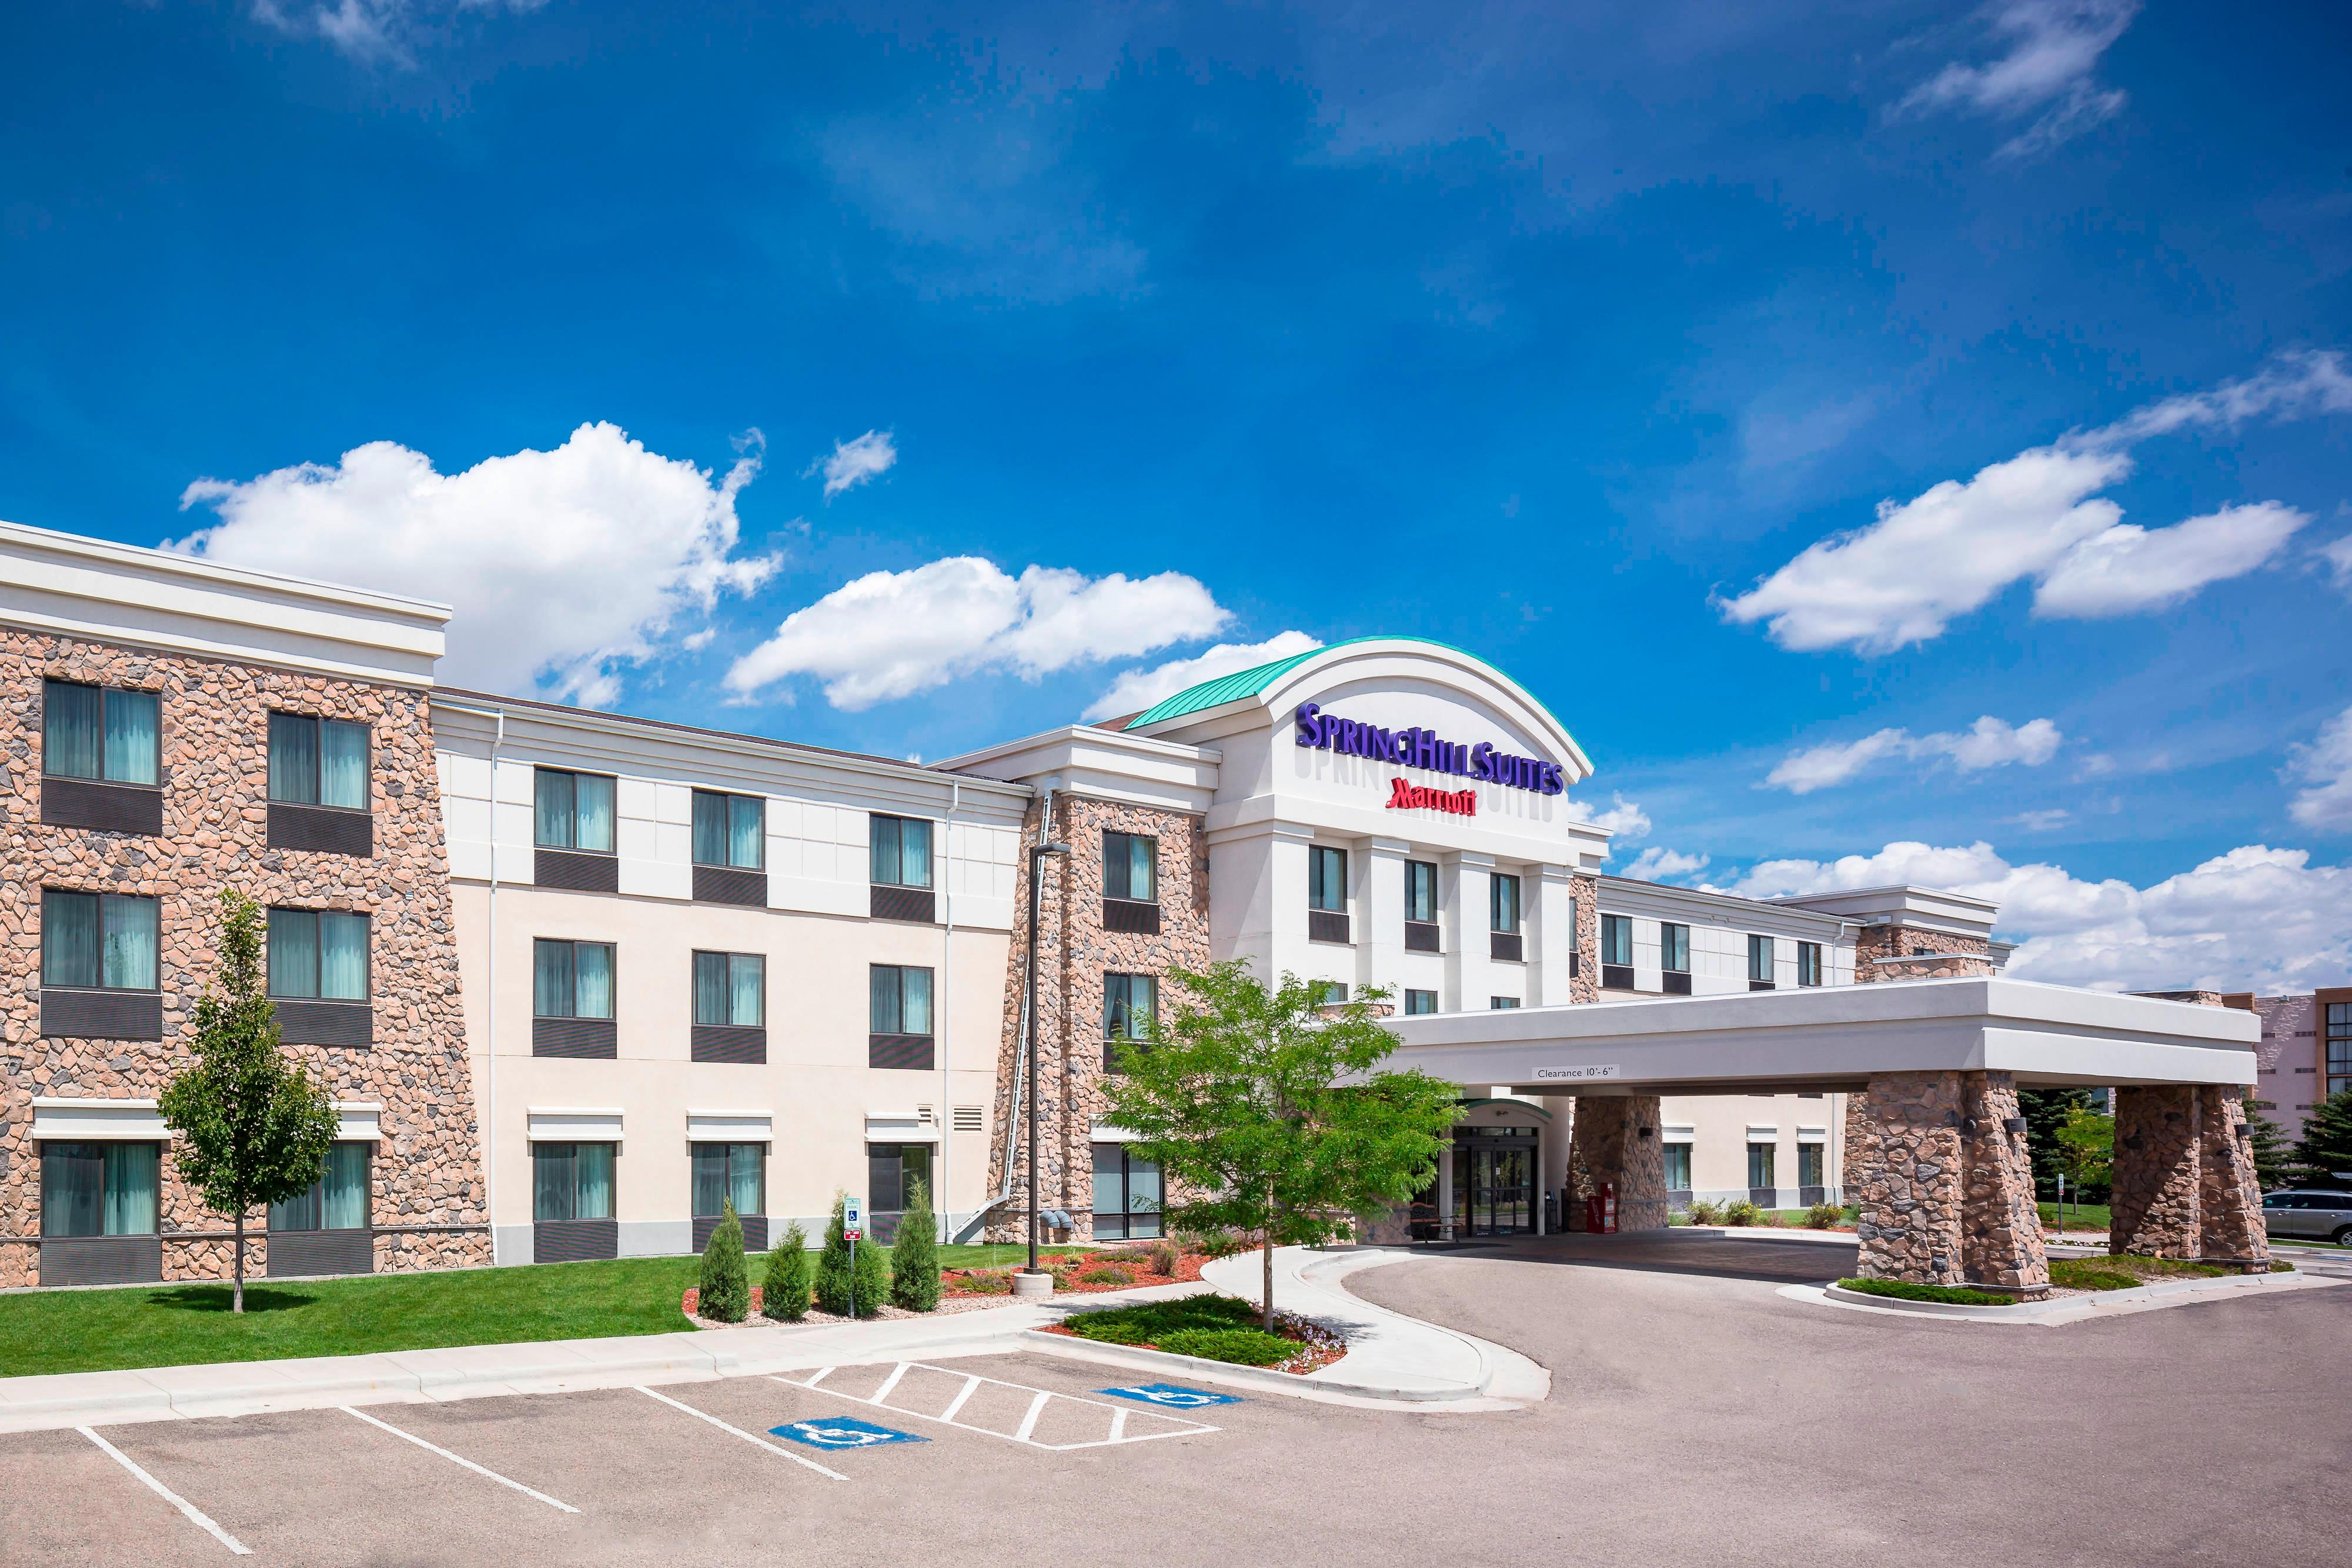 ワイオミング州シャイアン中心街のホテルの外観